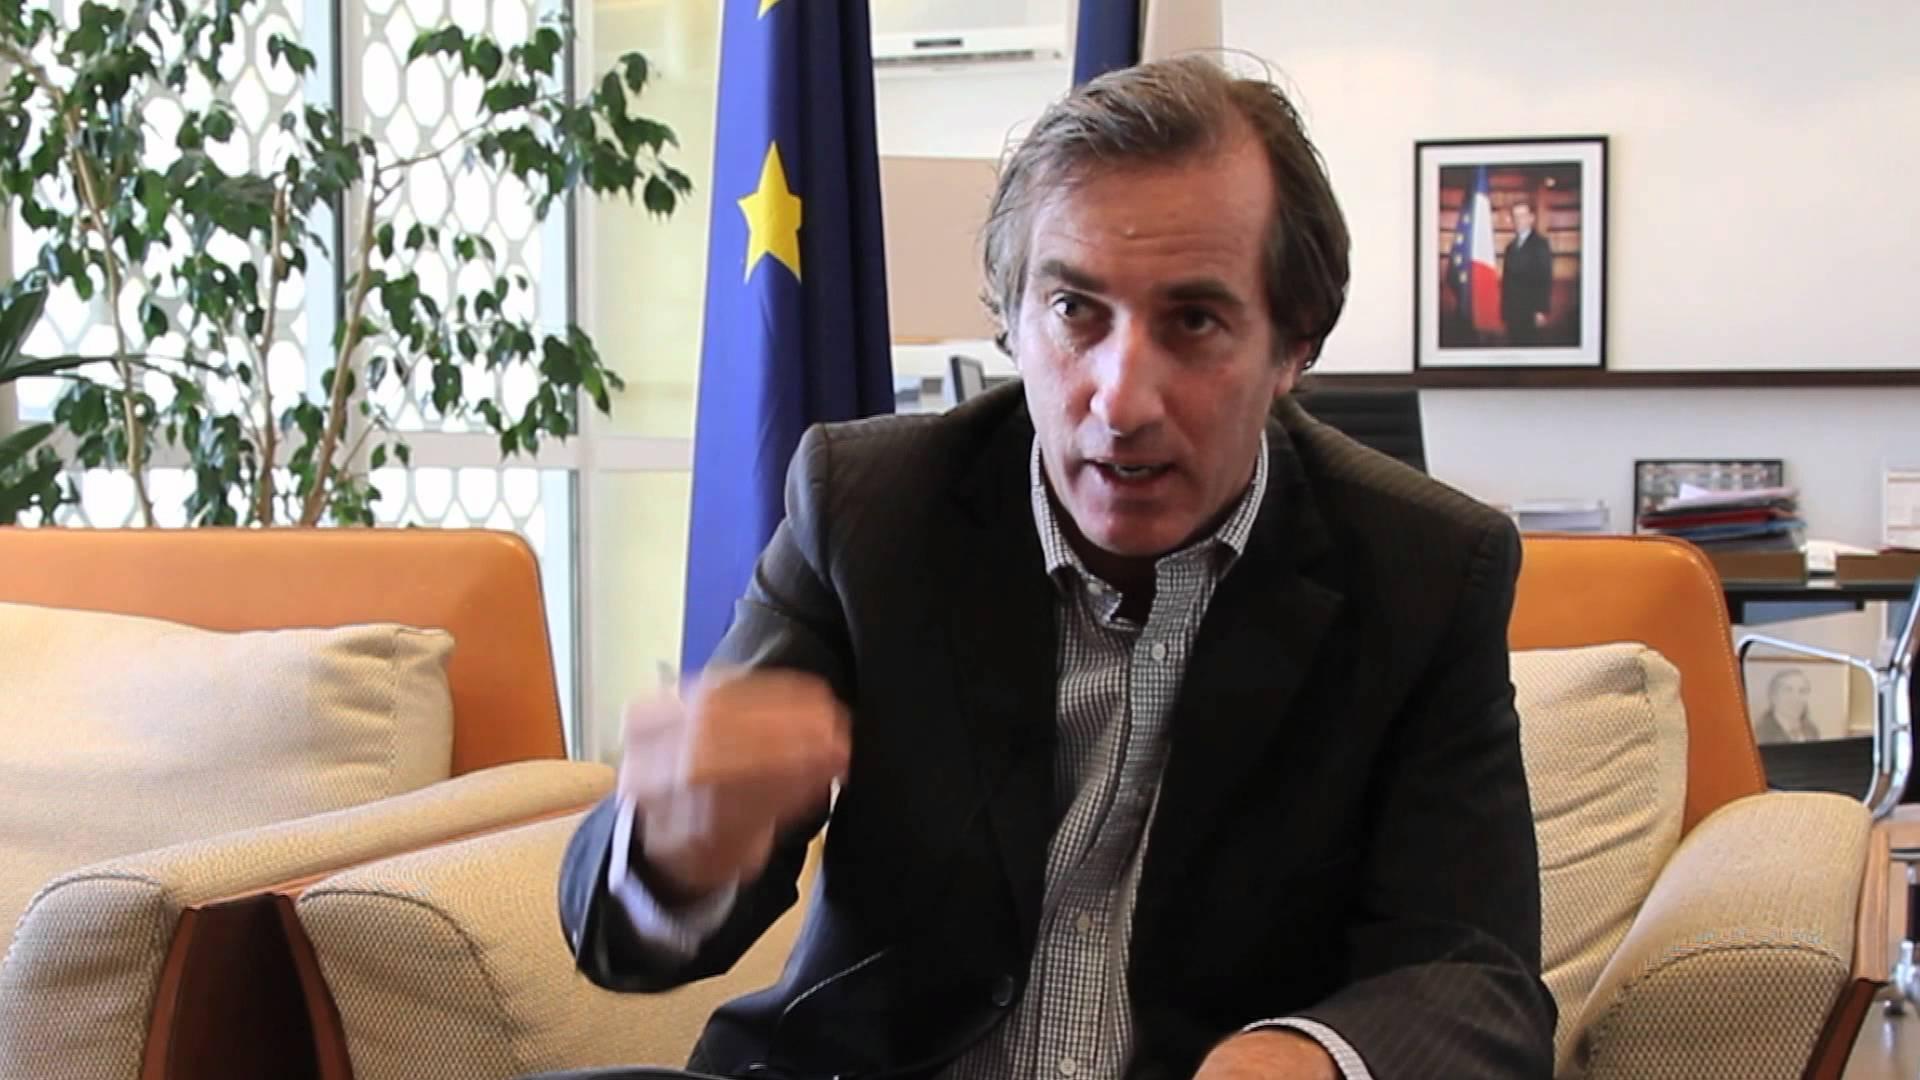 Présence massive de filiales françaises au Sénégal, prix élevé de l'autoroute à péage... : Christophe Bigot clarifie le jeu